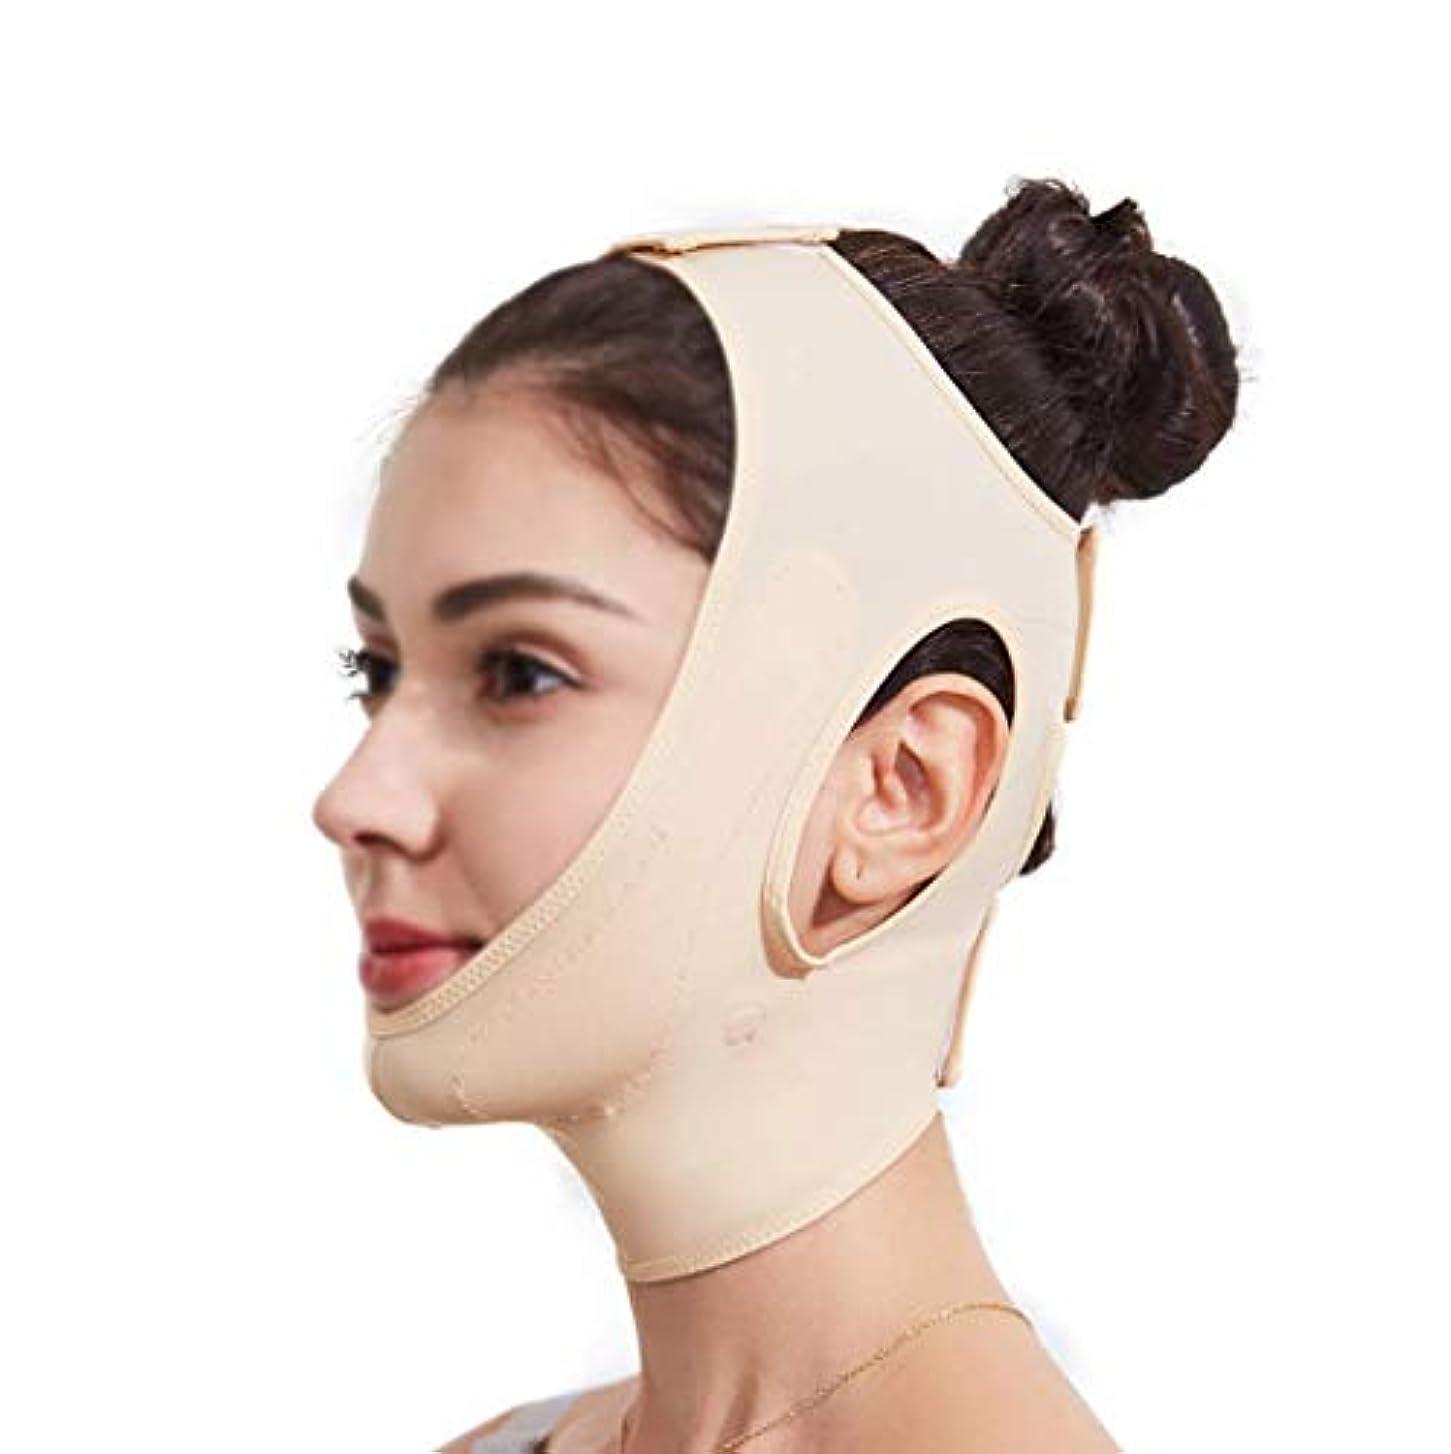 コンプライアンススリラー民主主義フェイスリフティングマスク、360°オールラウンドリフティングフェイシャルコンター、あごを閉じて肌を引き締め、快適でフェイスライトをサポートし、通気性を保ちます(サイズ:ブラック),肌の色